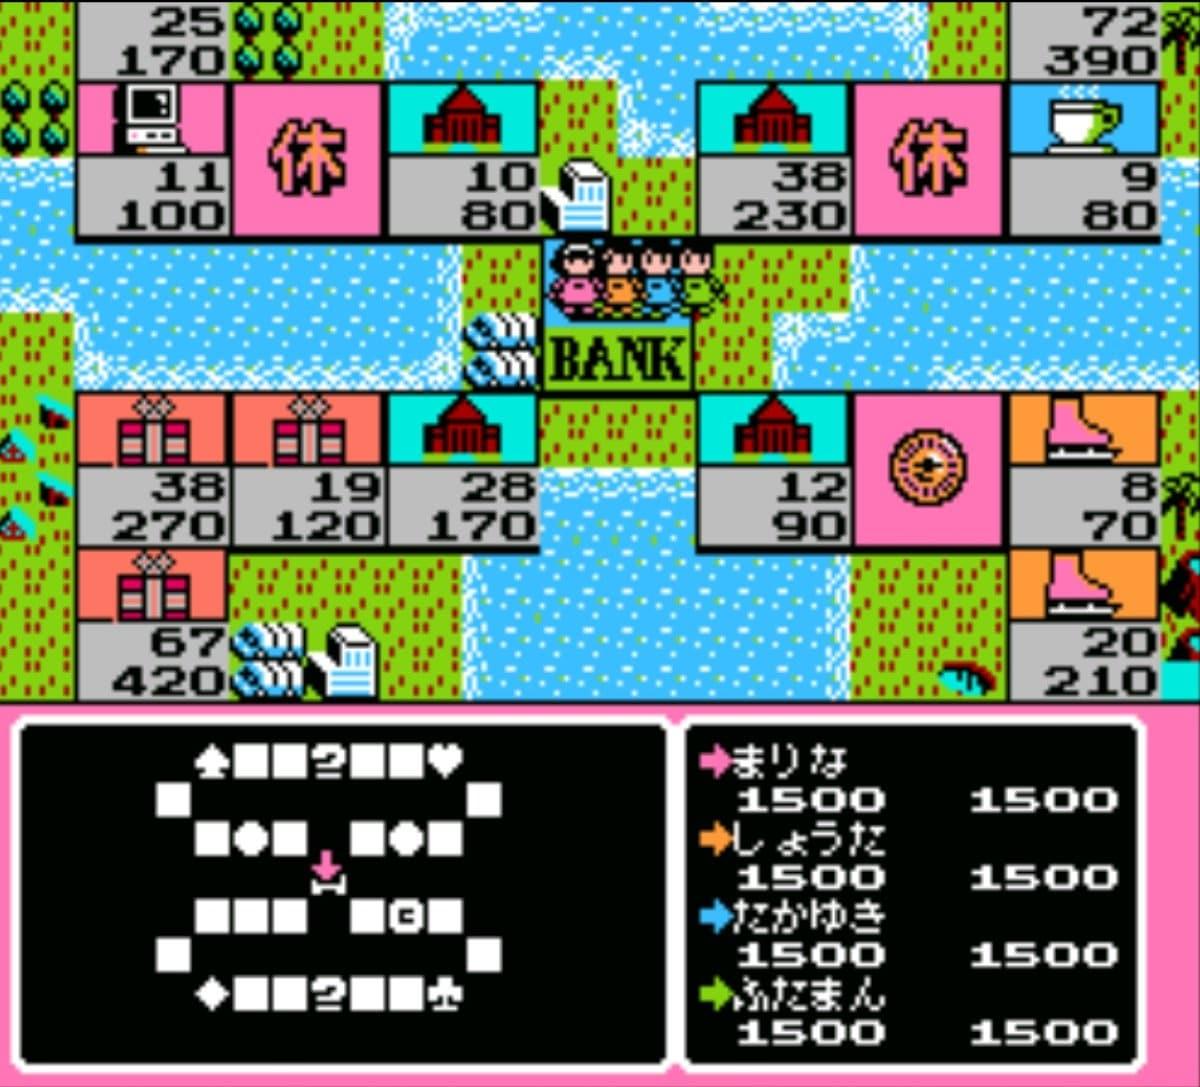 桃鉄だけじゃない、ファミコン芸人・フジタが選ぶみんながハマった「すごろくゲーム」といえばコレ!の画像014